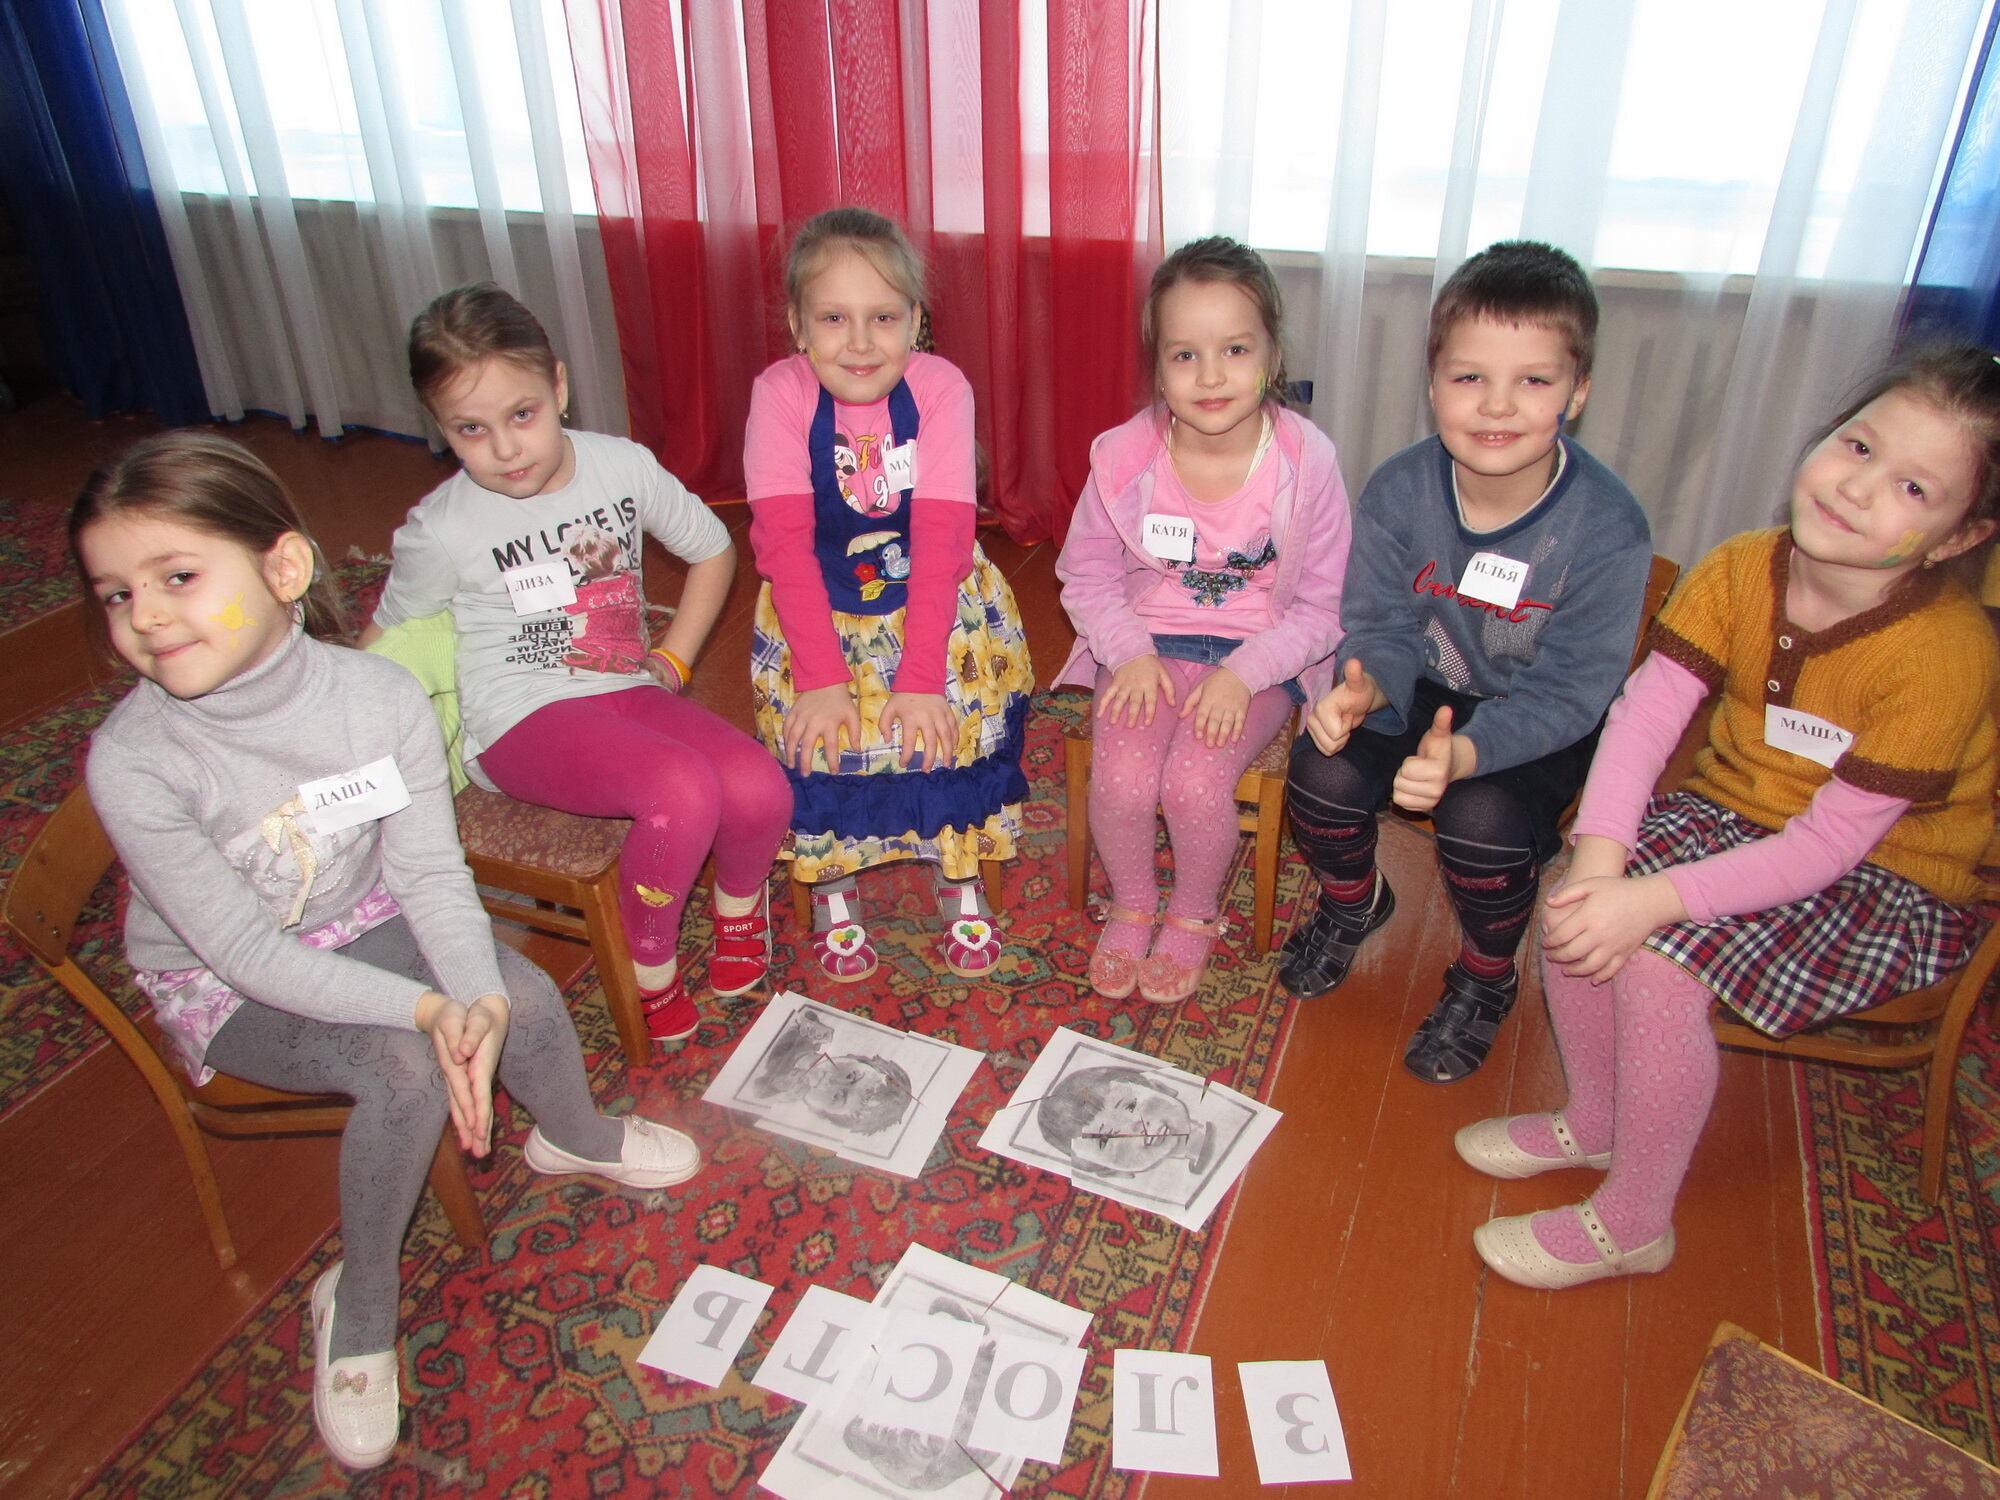 Дошколята играют и изучают, как общаться по-доброму